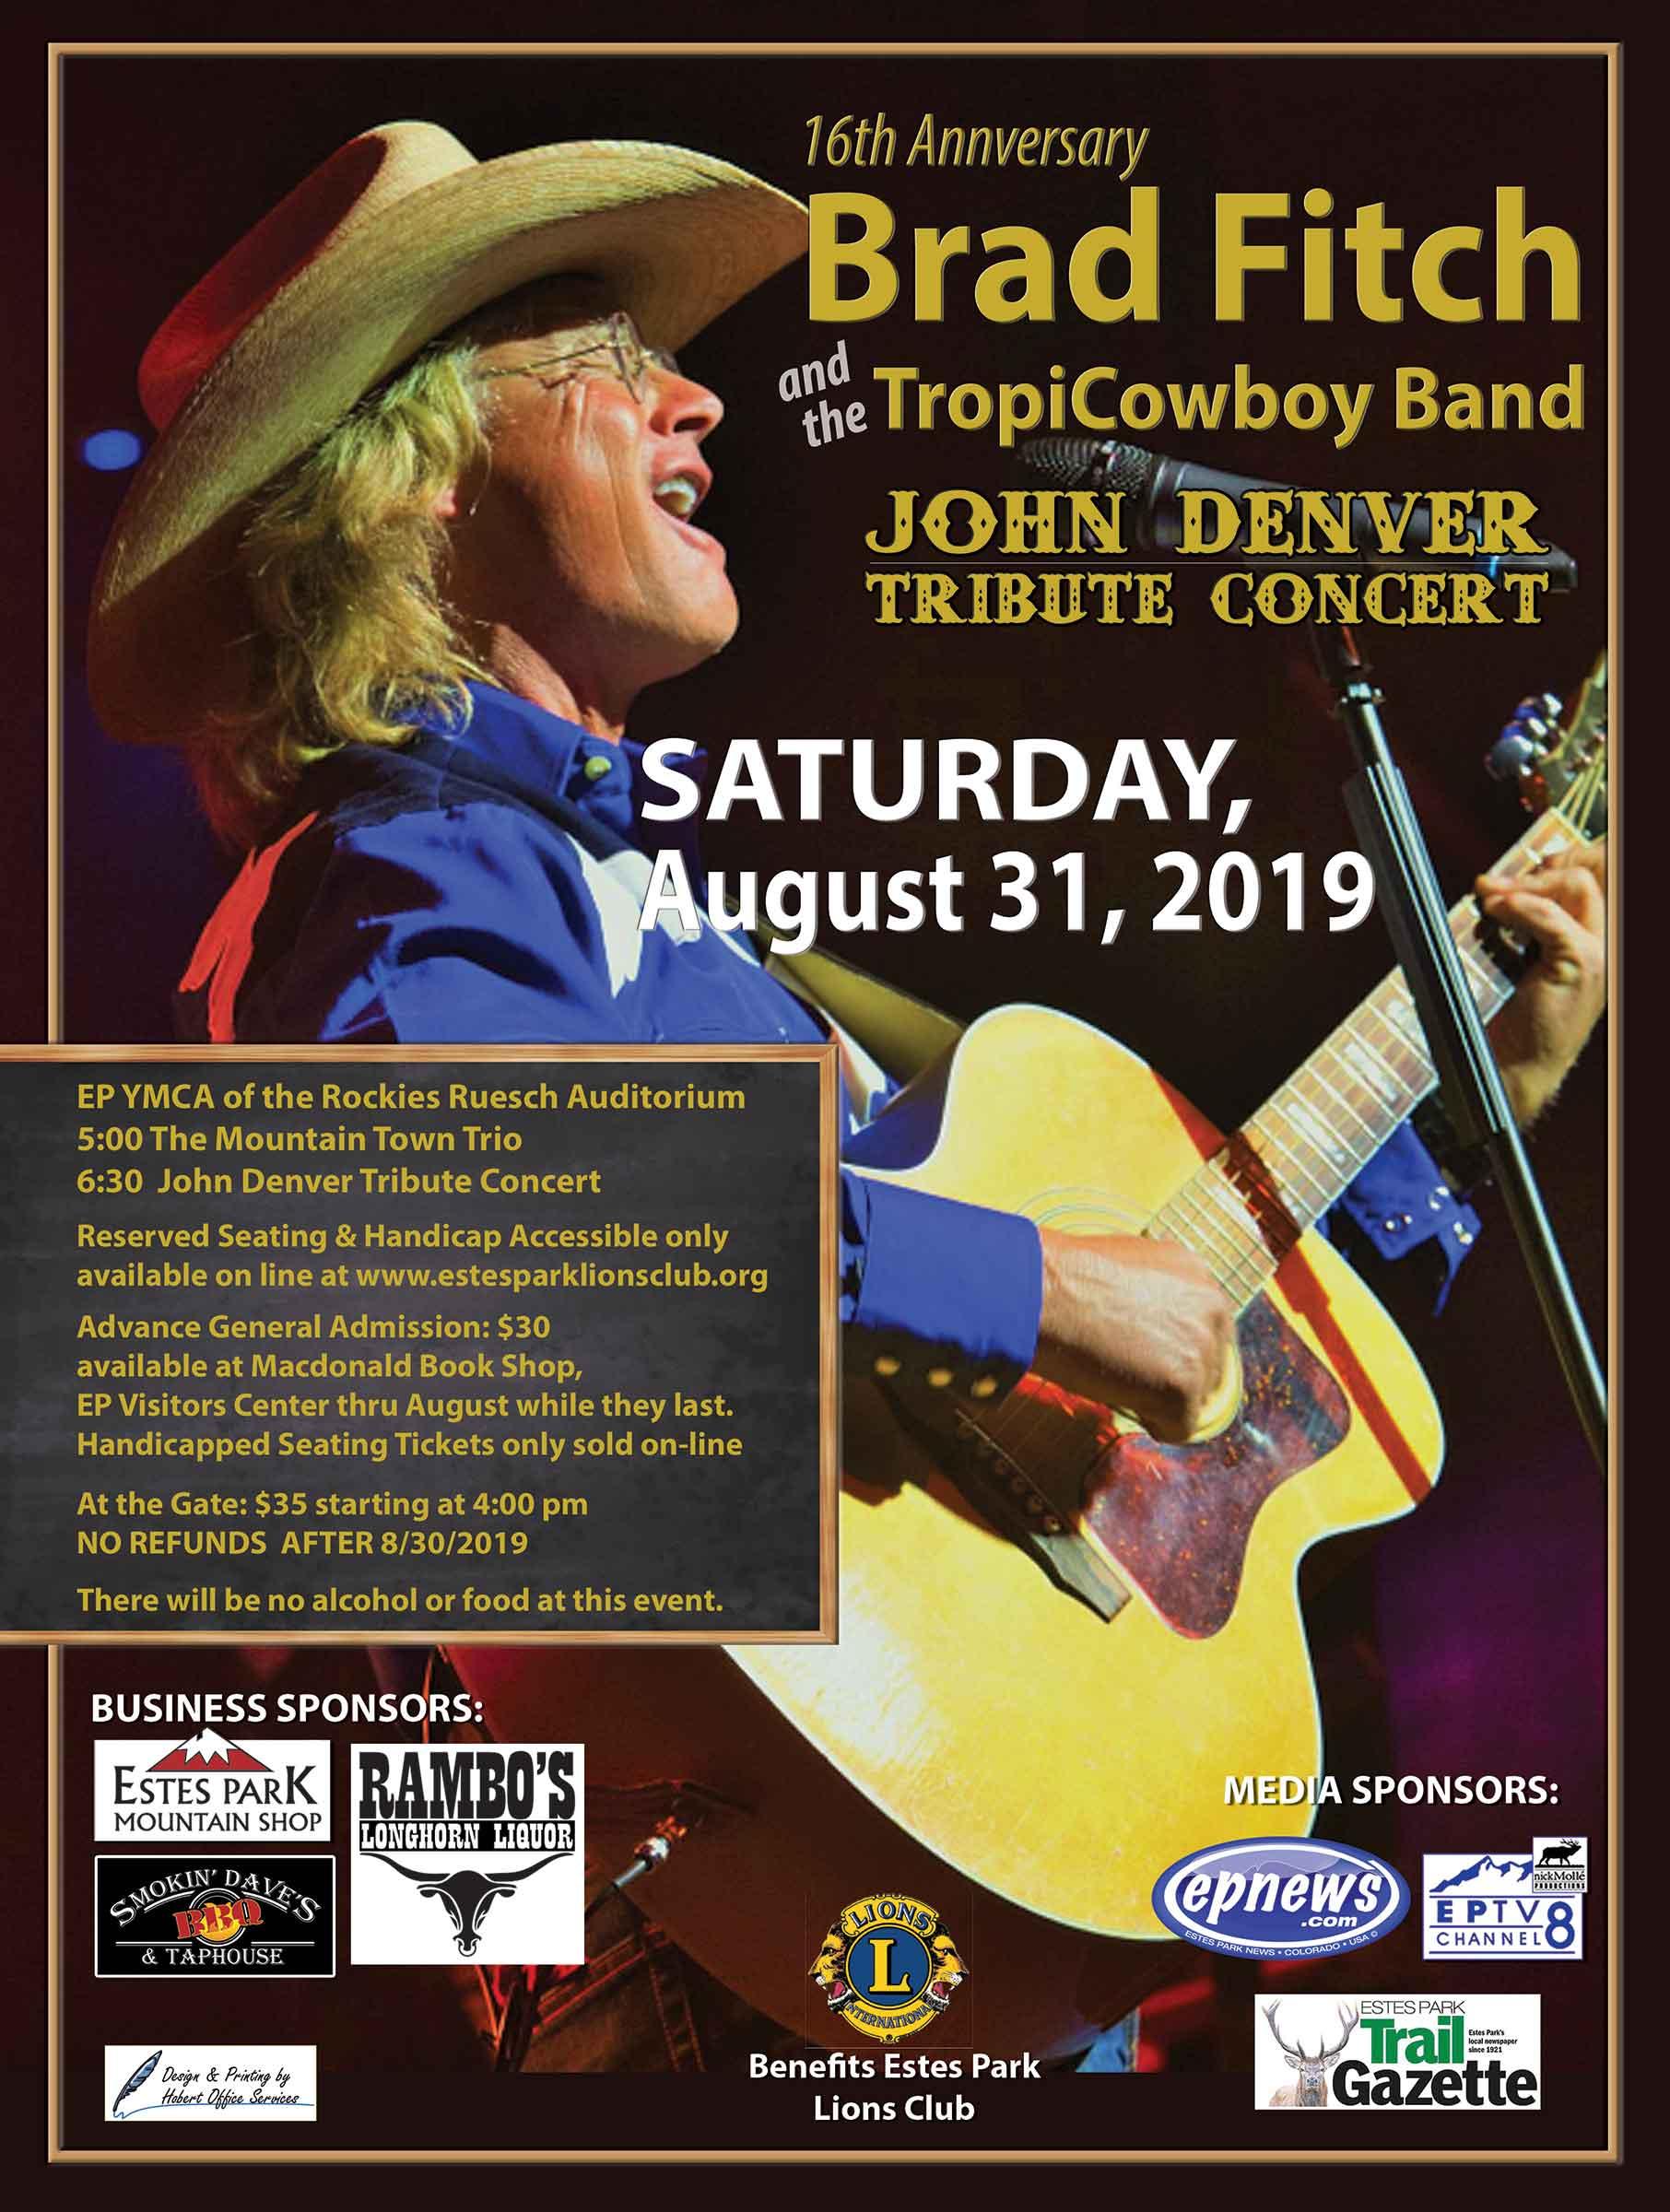 John Denver Tribute Concert Poster